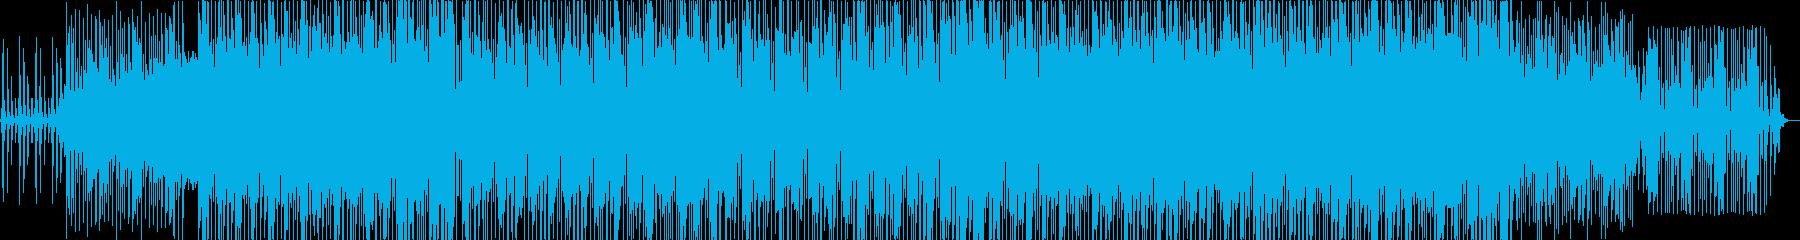 アップテンポでノリノリな曲の再生済みの波形